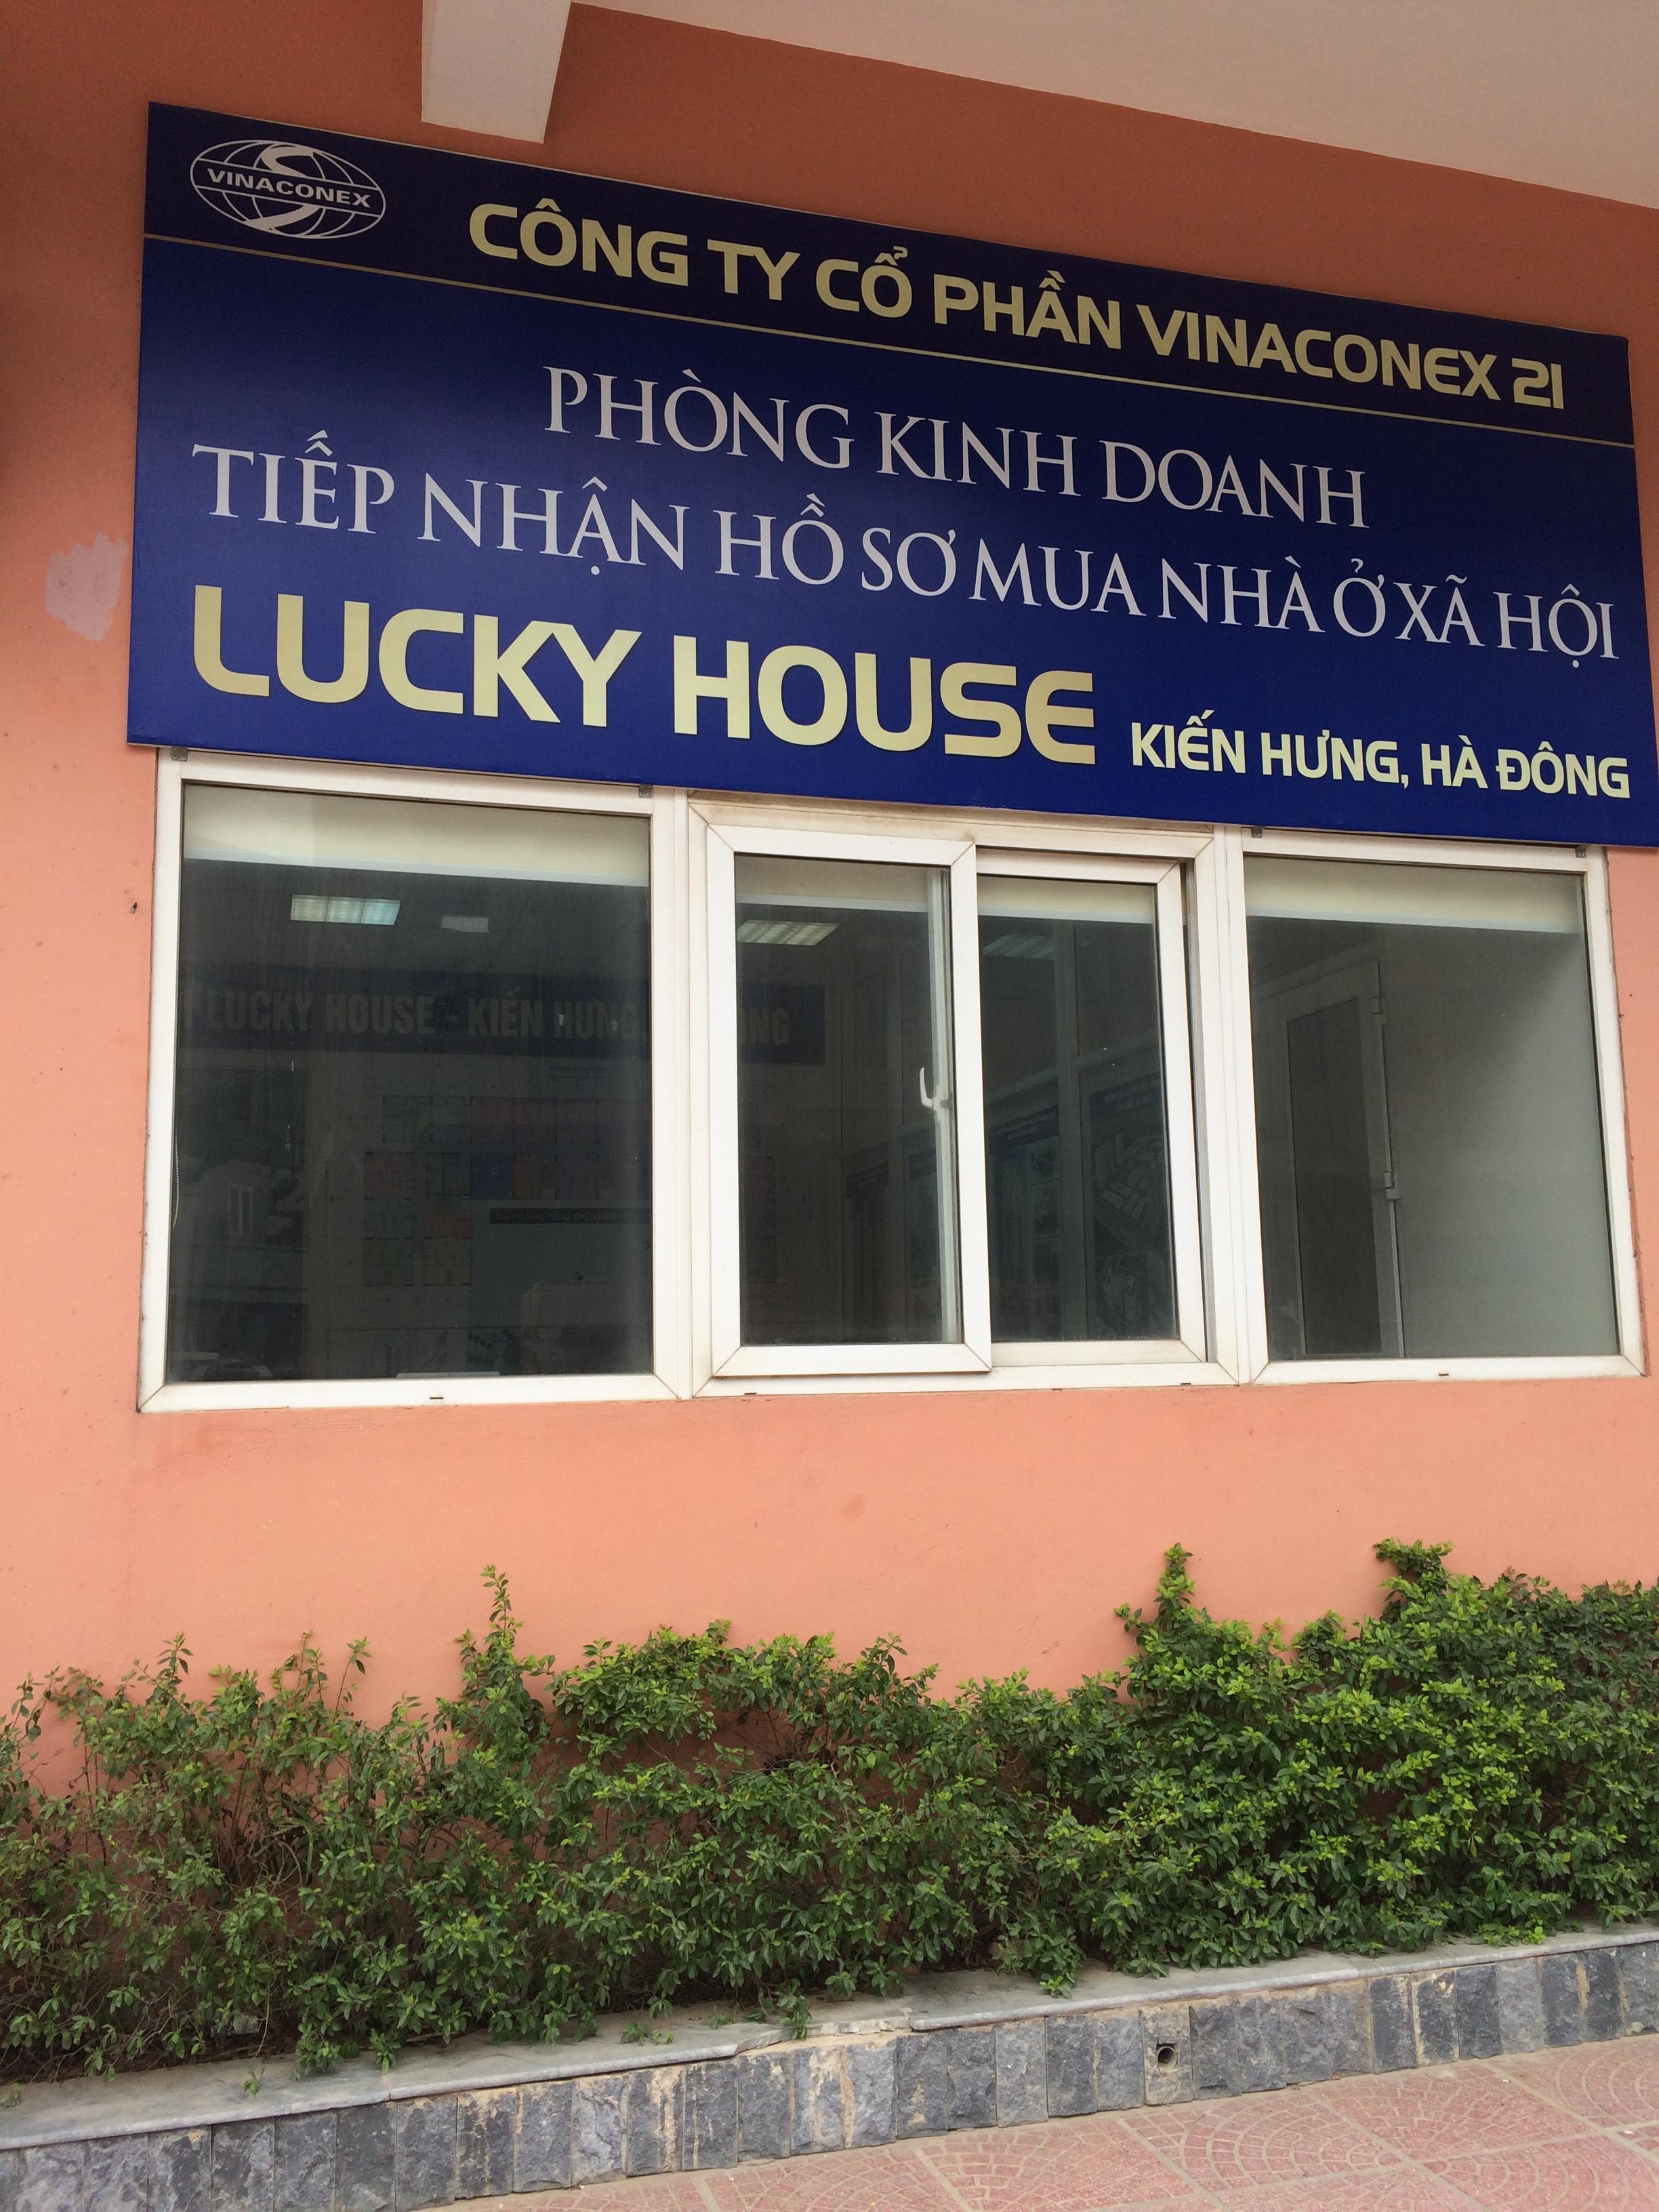 Phòng tiếp nhận HS đăng kí mua căn hộ Lucky House